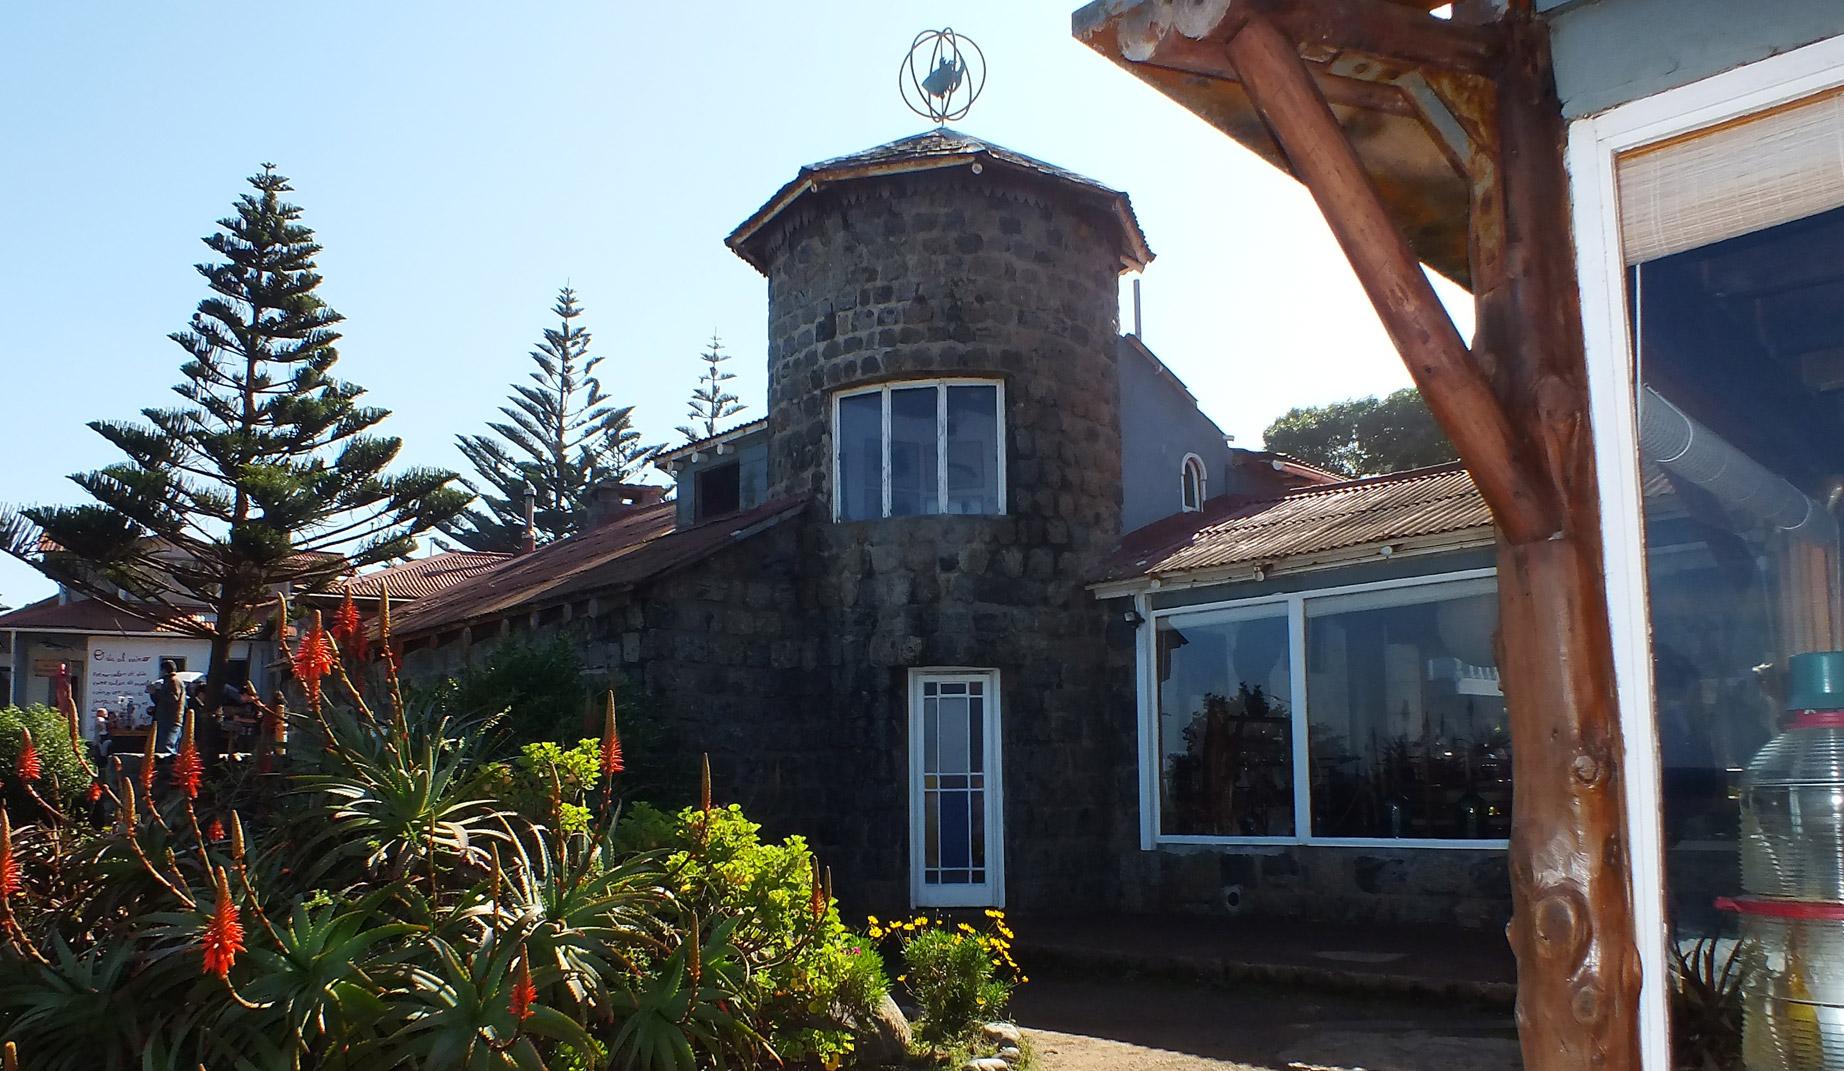 turismo-no-chile-islanegra Turismo no Chile, o que fazer? (Dicas + ebook grátis)